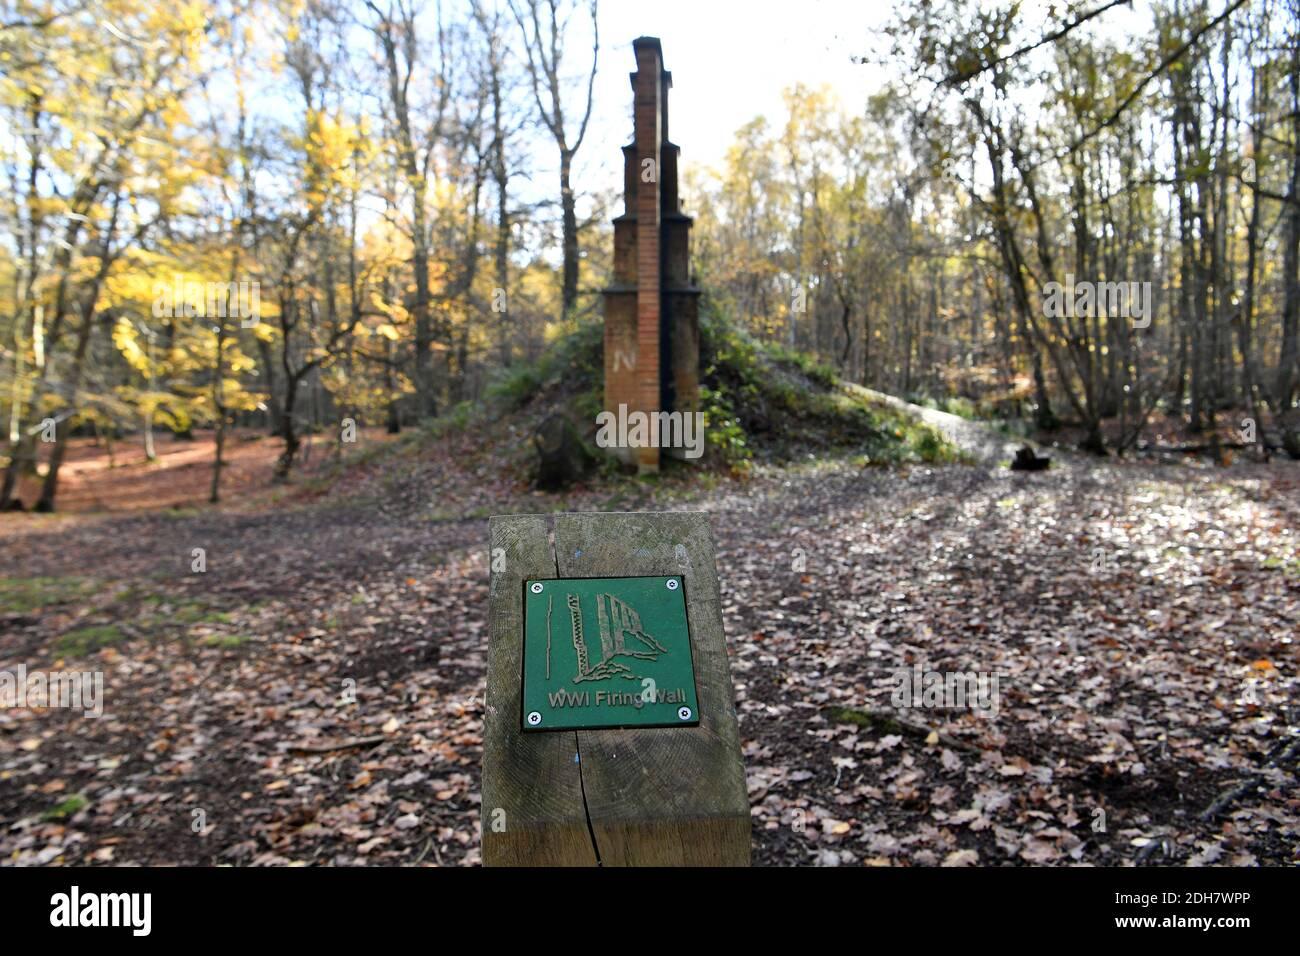 Photos pour une caractéristique sur Wellesley Woodland, Aldershot - automne Weekend Walks caractéristique. Sentiers forestiers. Un des nombreux postes de frottement en laiton pour enfants, jeudi 12 novembre 2020. Banque D'Images